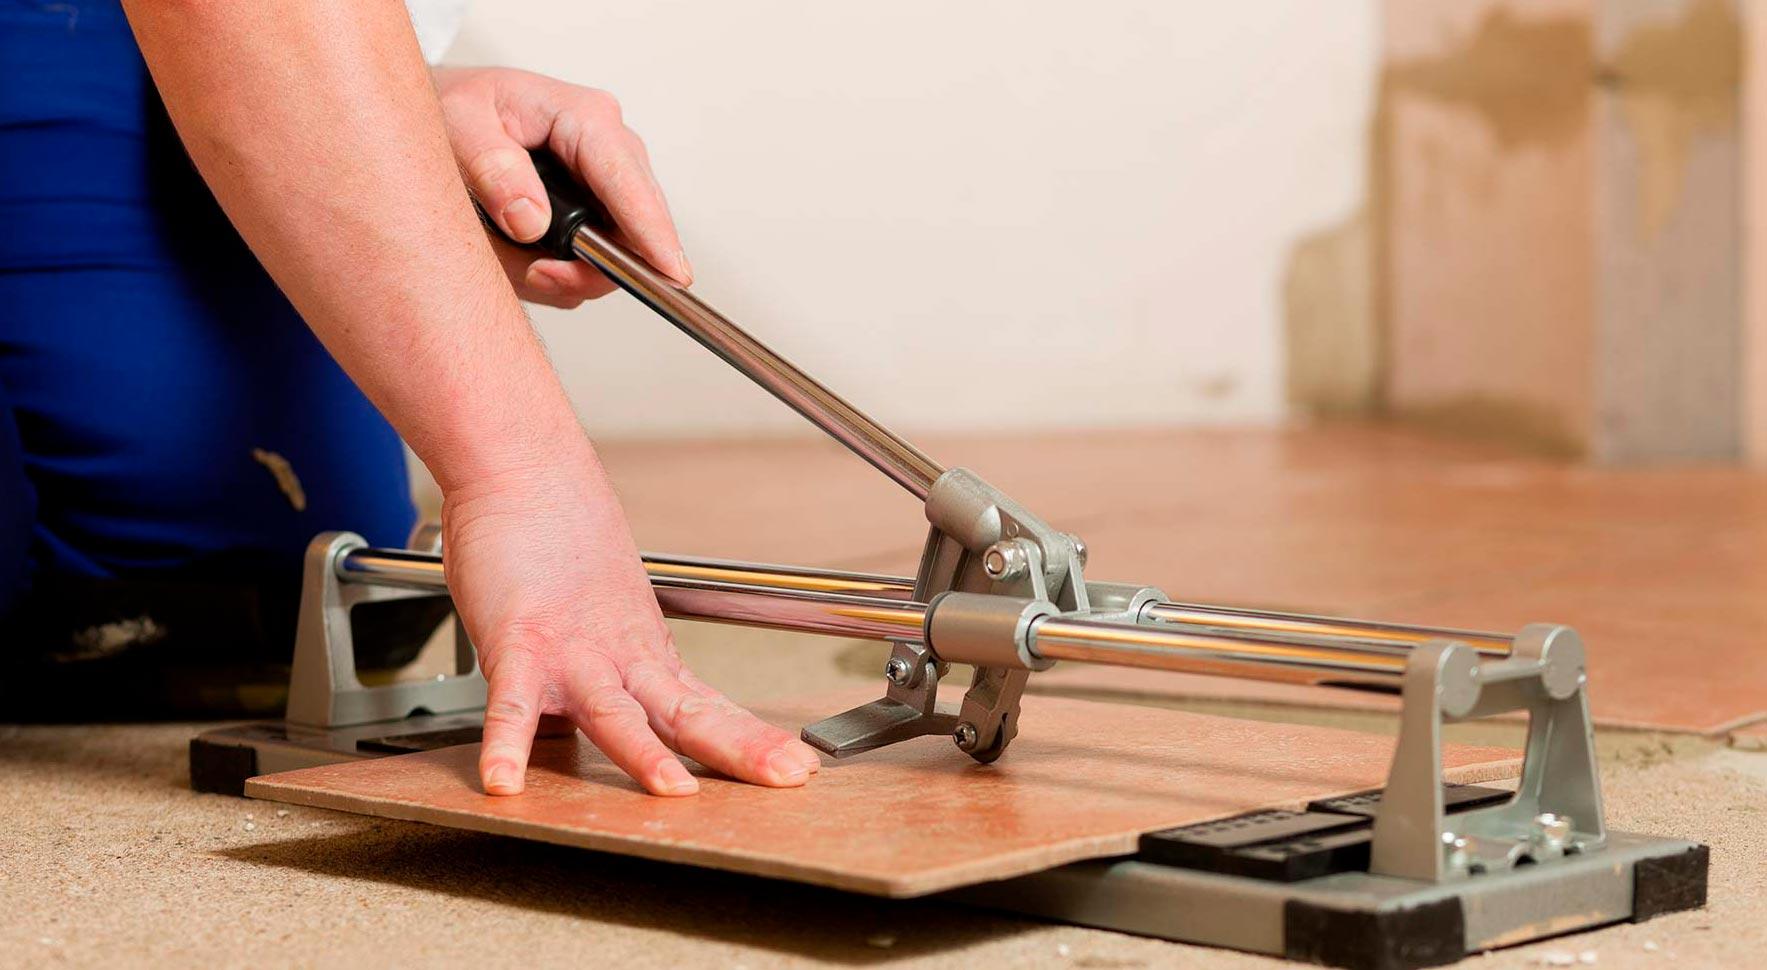 Режем плитку без плиткореза способы и нюансы